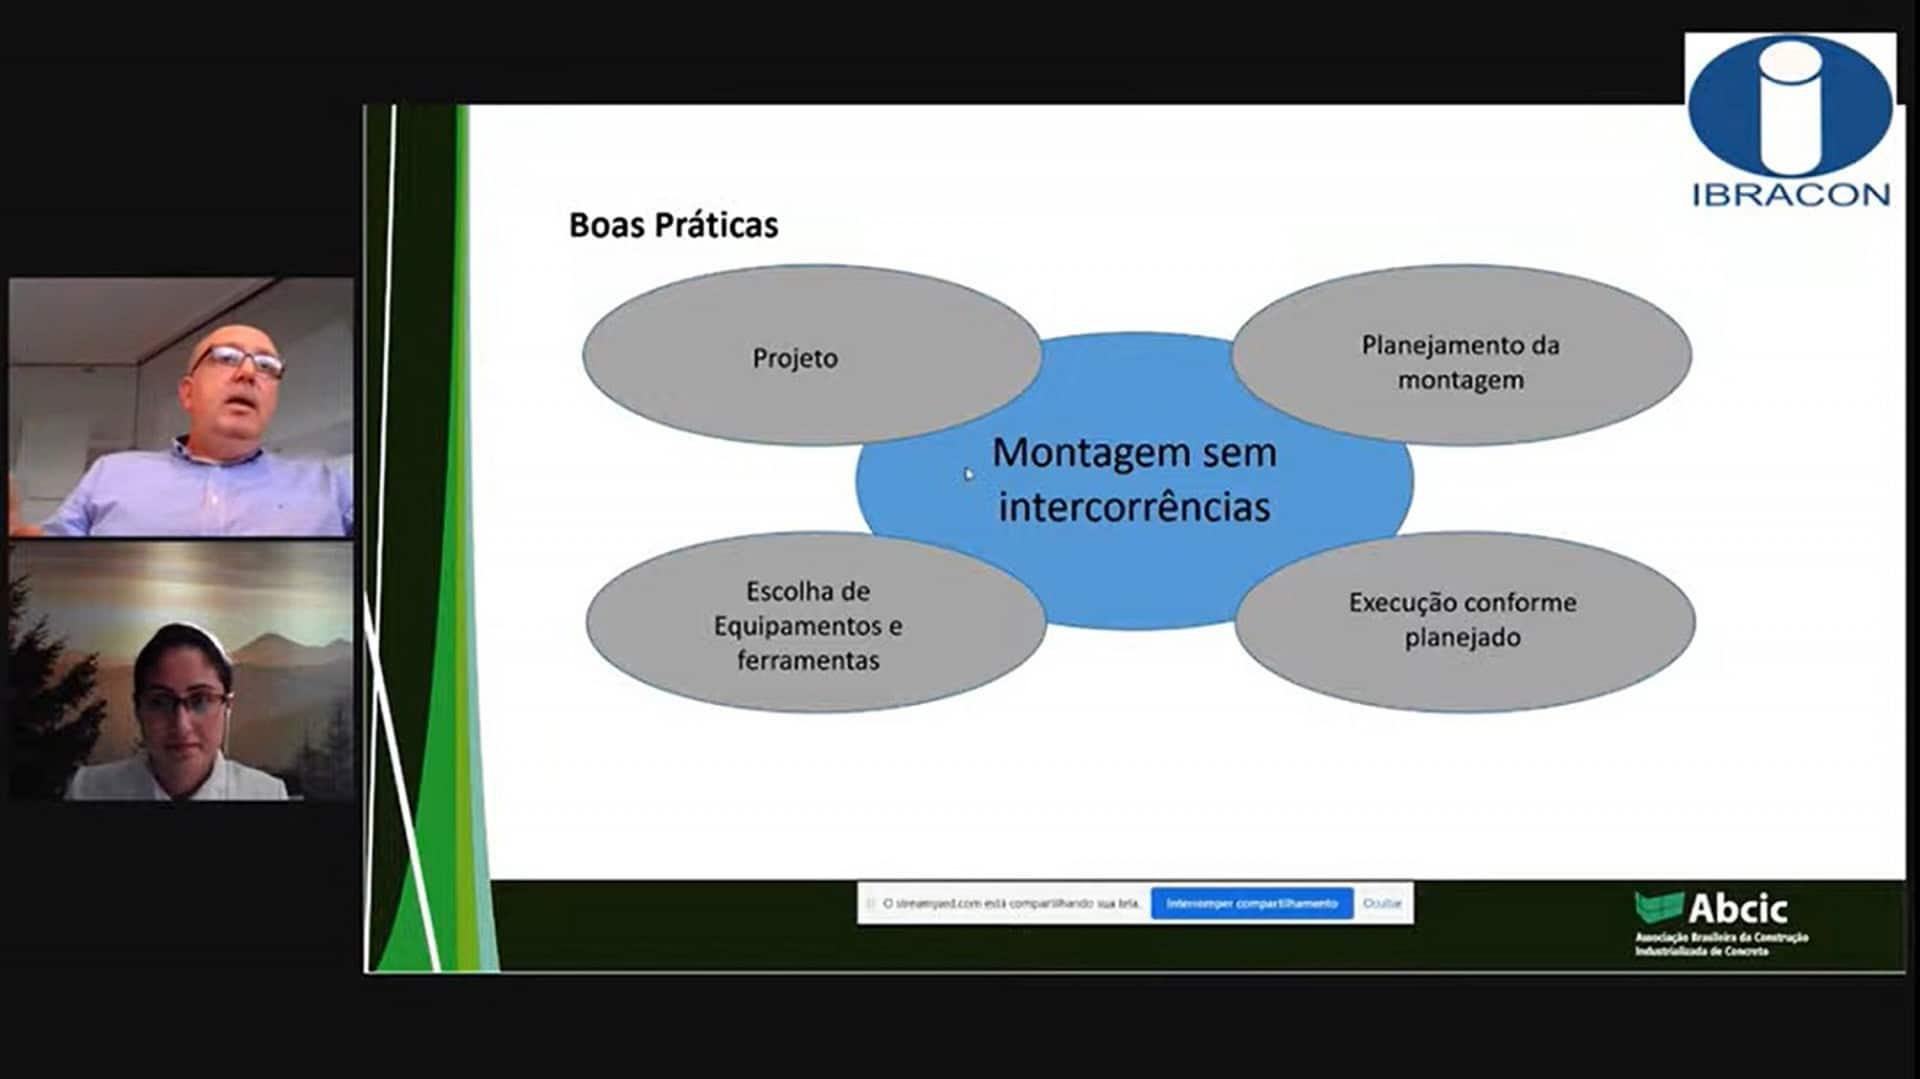 Luiz Livi: manual prioriza as operações que não estão cobertas nas normas técnicas. Crédito: IBRACON/ABCIC